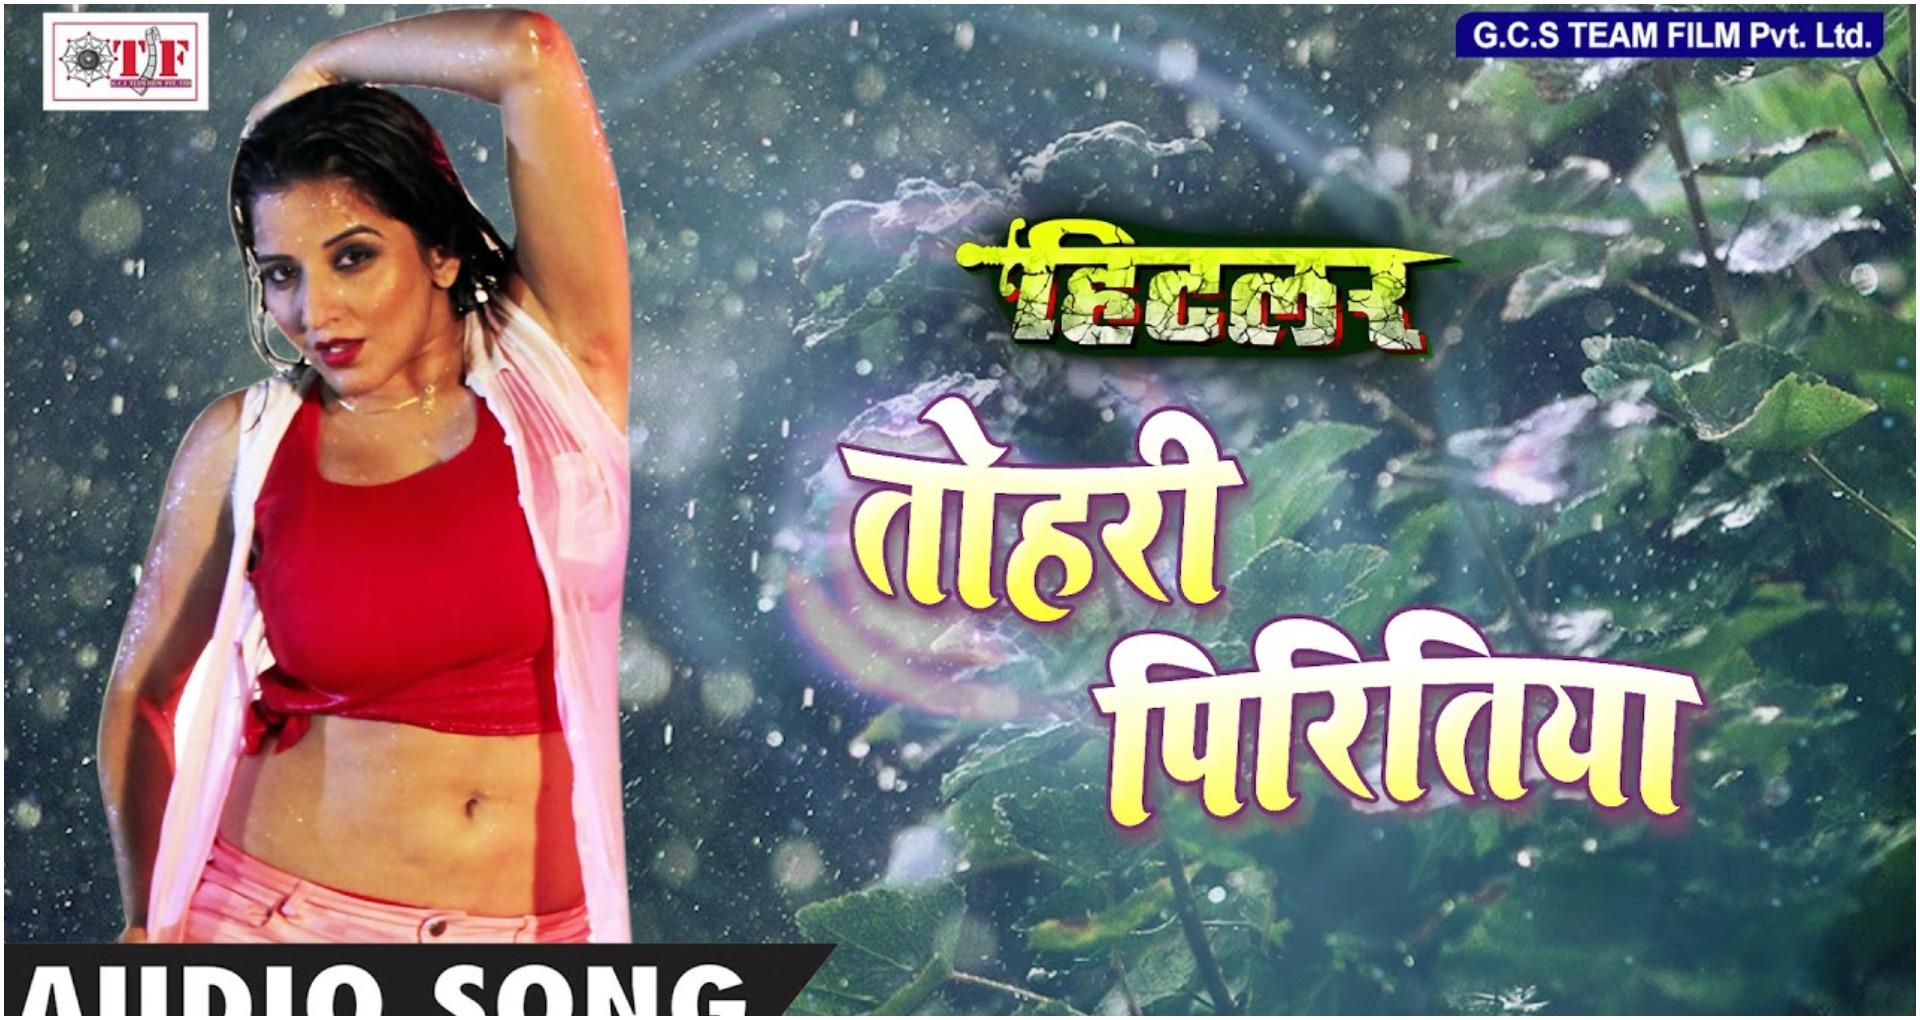 Bhojpuri Hot Song: मोनालिसा ने अपनी हॉट अदाओं से मचाई सनसनी, इस गाने को सुनकर आप भी हो जाएंगे उनके दीवाने